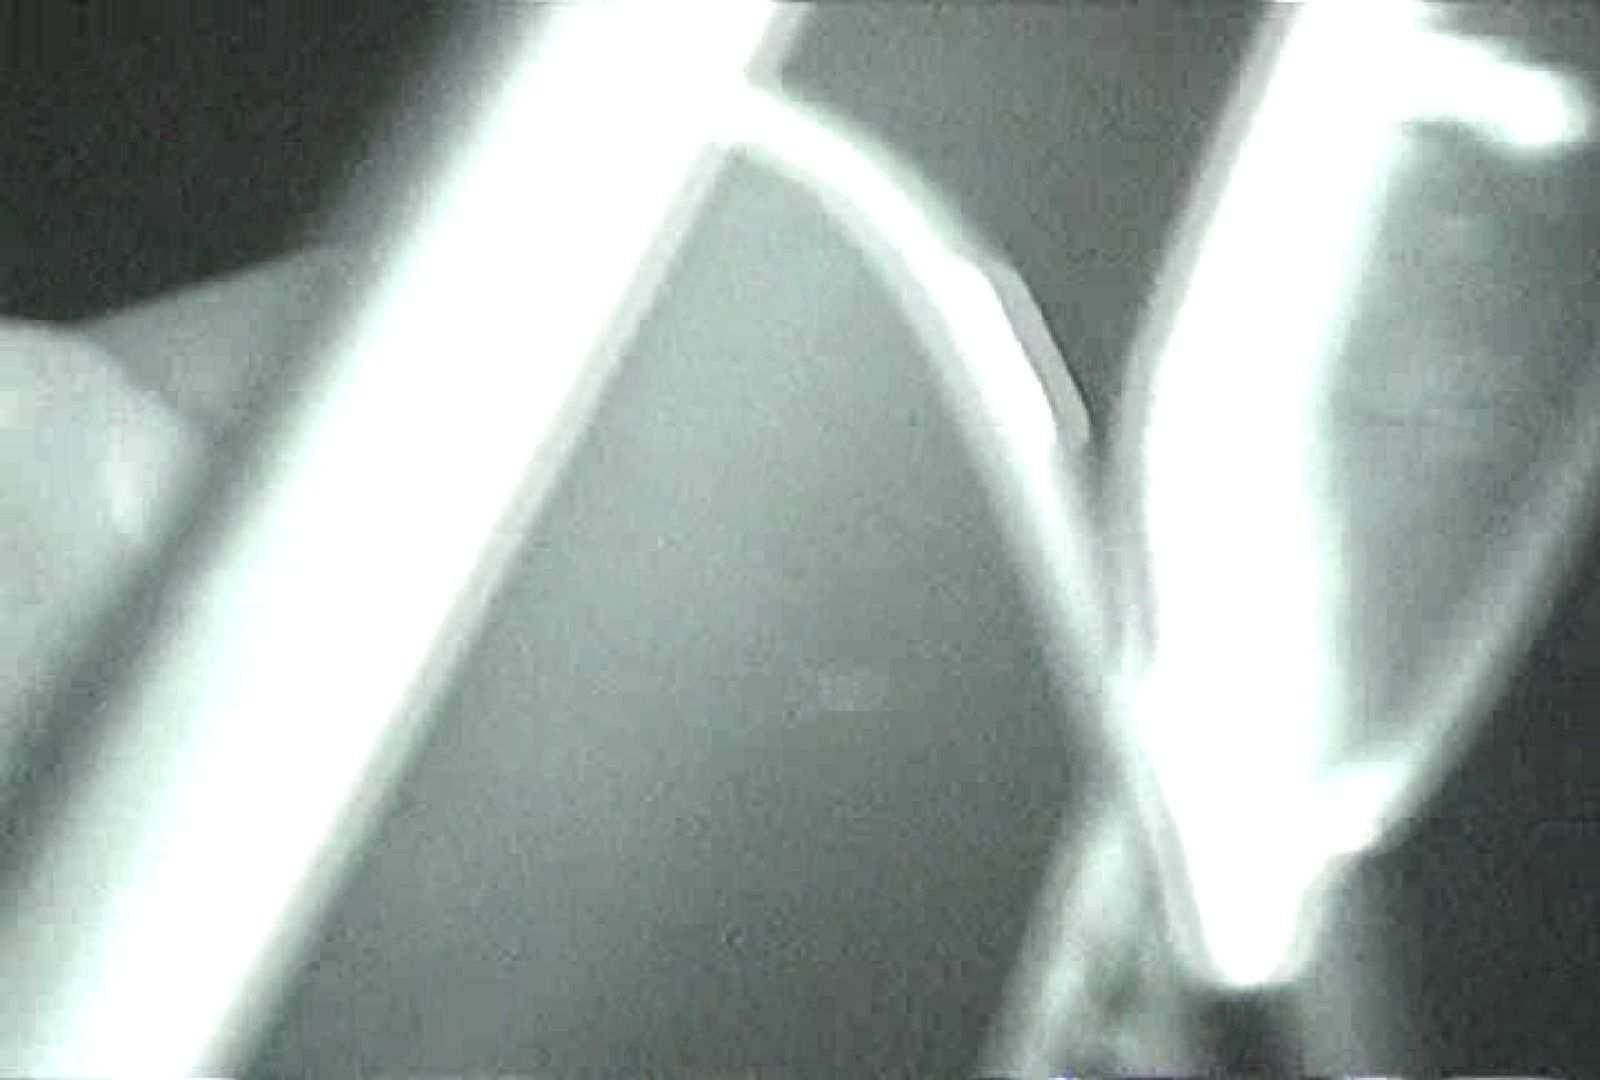 充血監督の深夜の運動会Vol.89 カップル   独身エッチOL  97pic 78